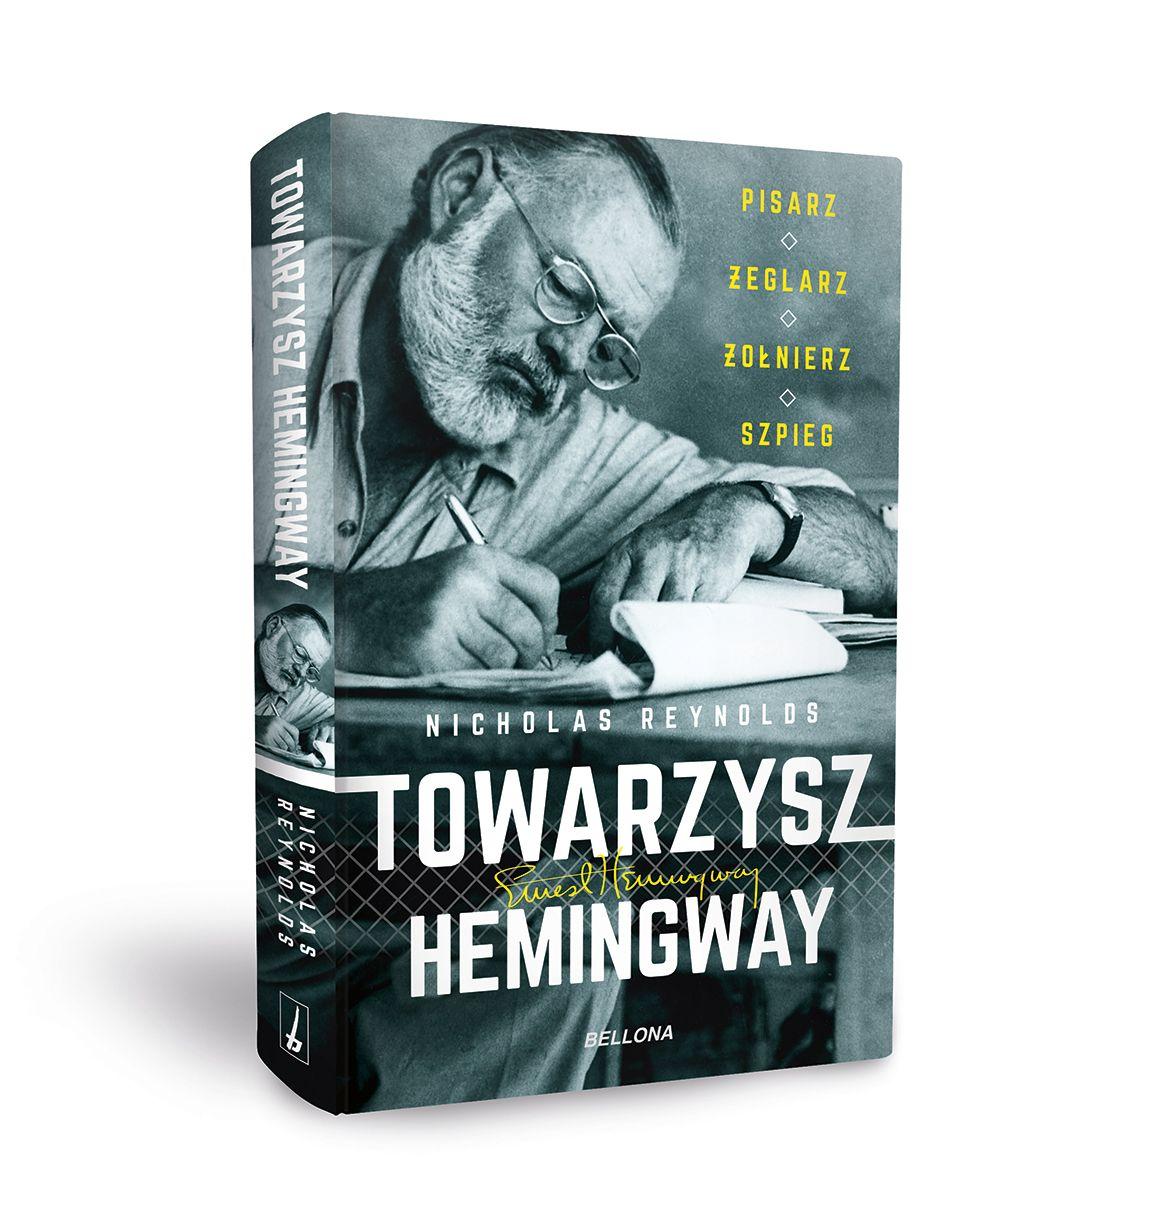 """Artykuł powstał między innymi w oparciu o książkę Nicholasa Reynoldsa """"Towarzysz Hemingway. Pisarz, żeglarz, żołnierz, szpieg"""" wydaną nakładem wydawnictwa Bellona."""